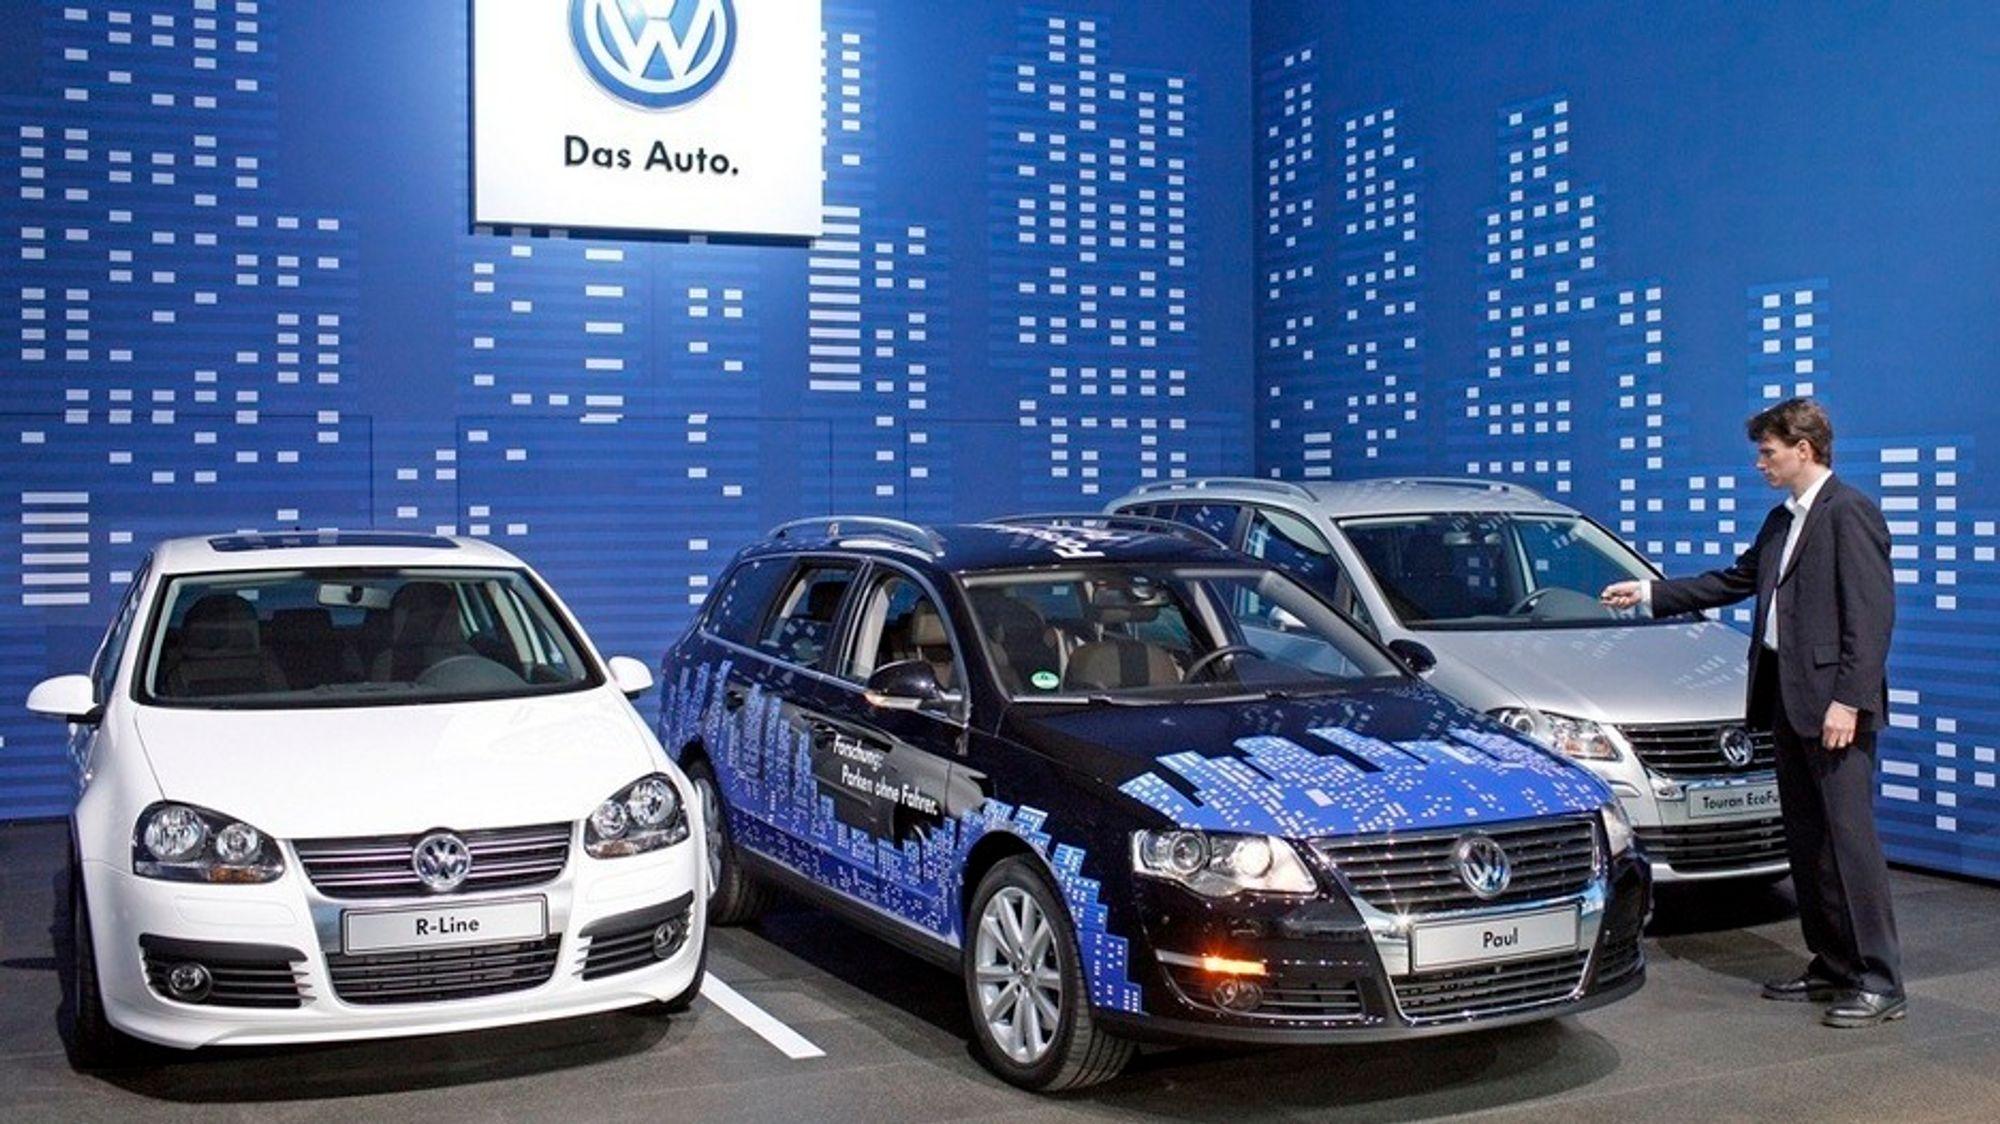 Volkswagen Passat med Euro 5-motor har høyt utslipp av NOx, viser testing.